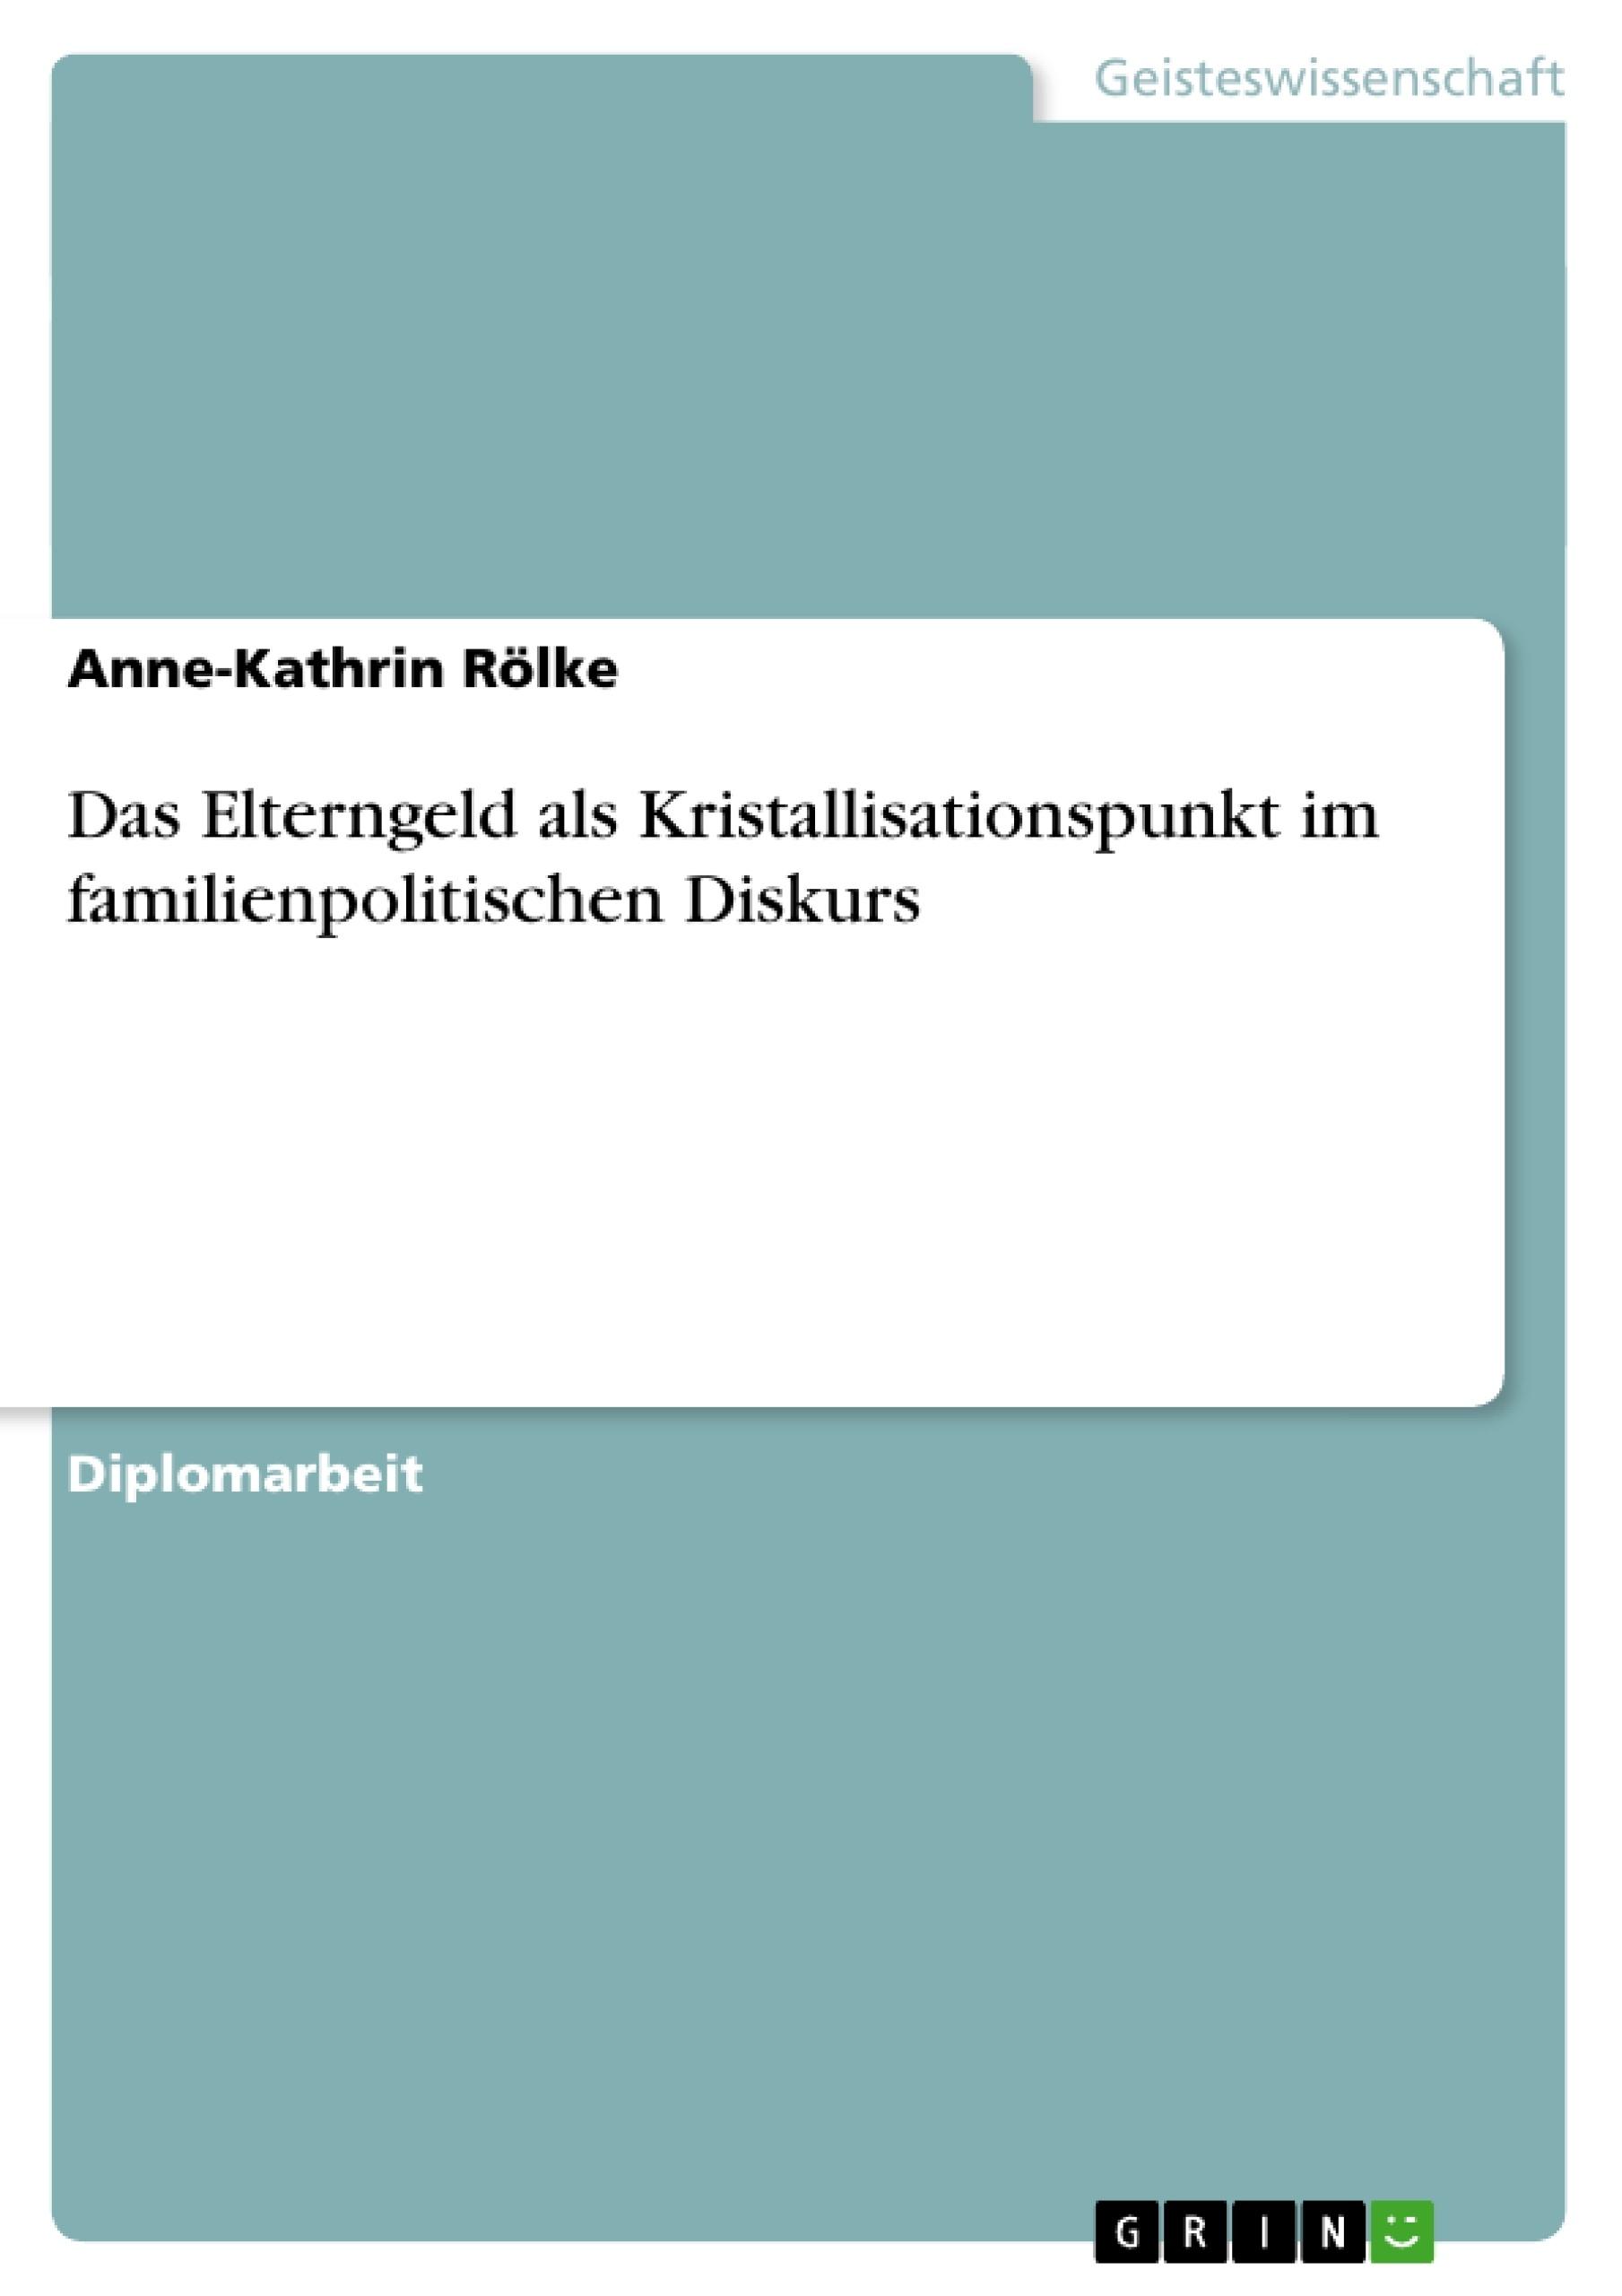 Titel: Das Elterngeld als Kristallisationspunkt im familienpolitischen Diskurs